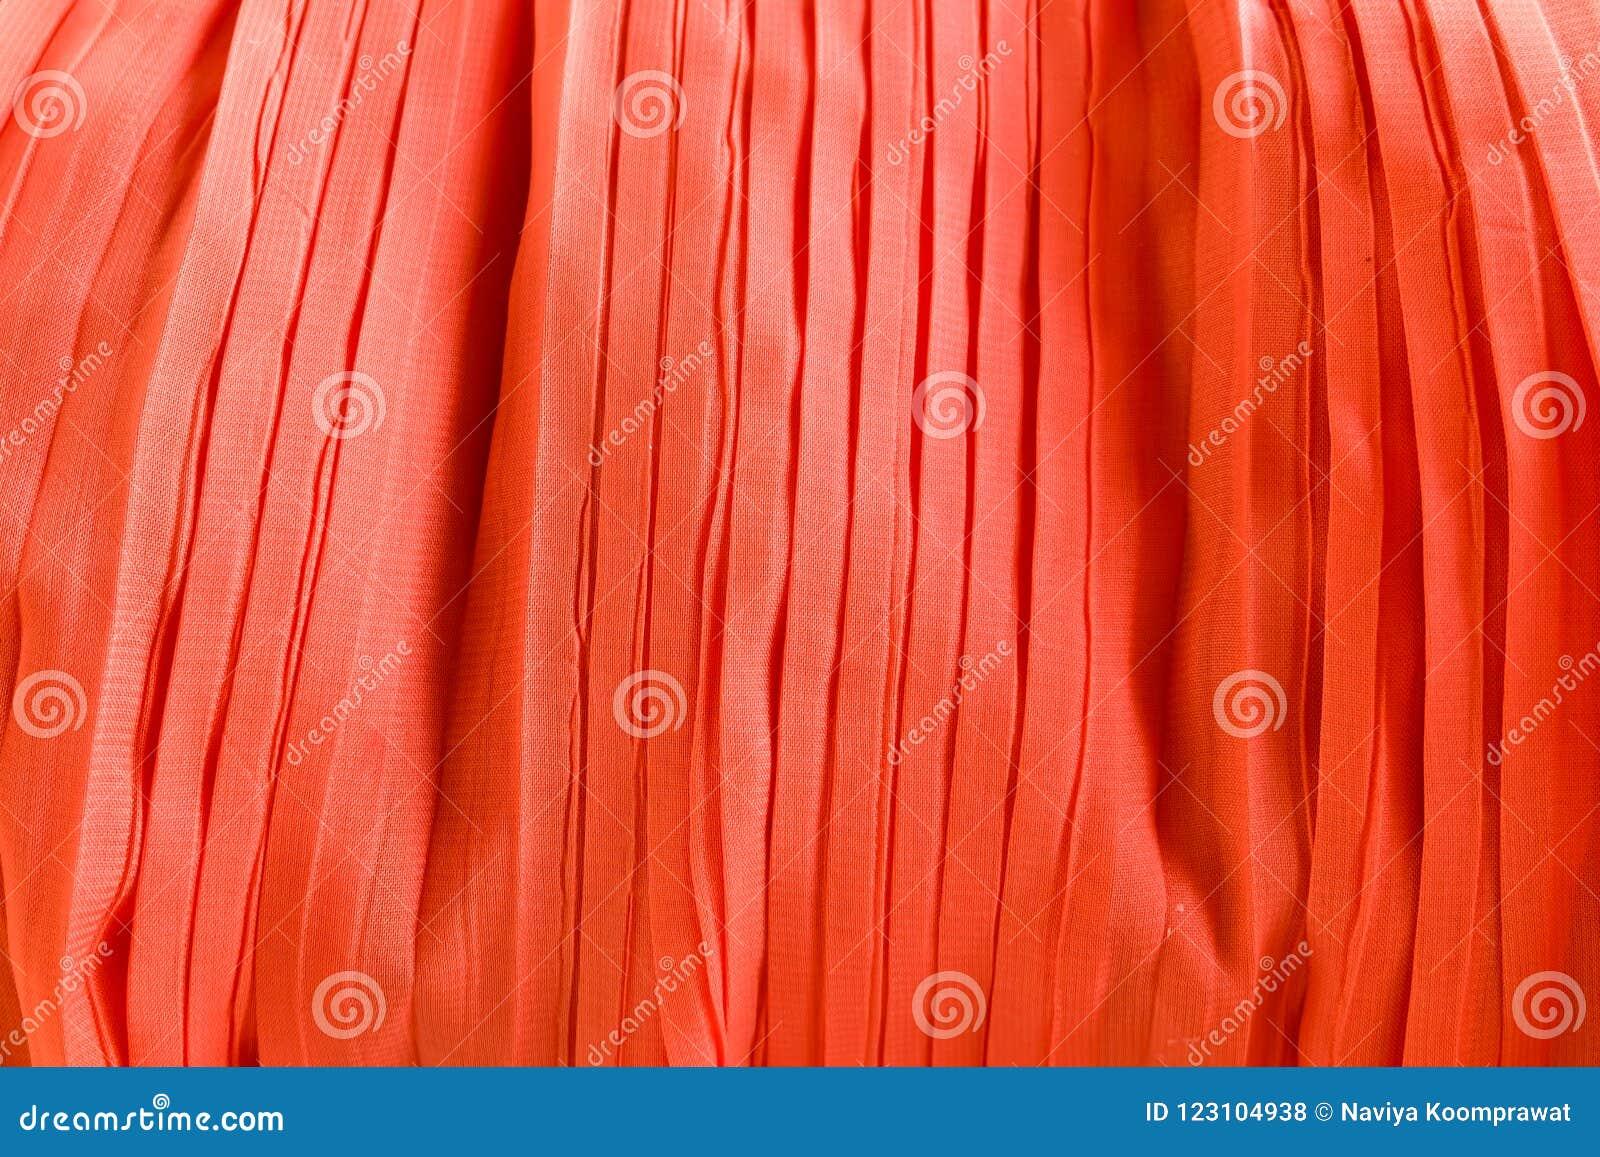 Κόκκινη πτυχωμένη σύσταση υφασμάτων υφάσματος για το υπόβαθρο